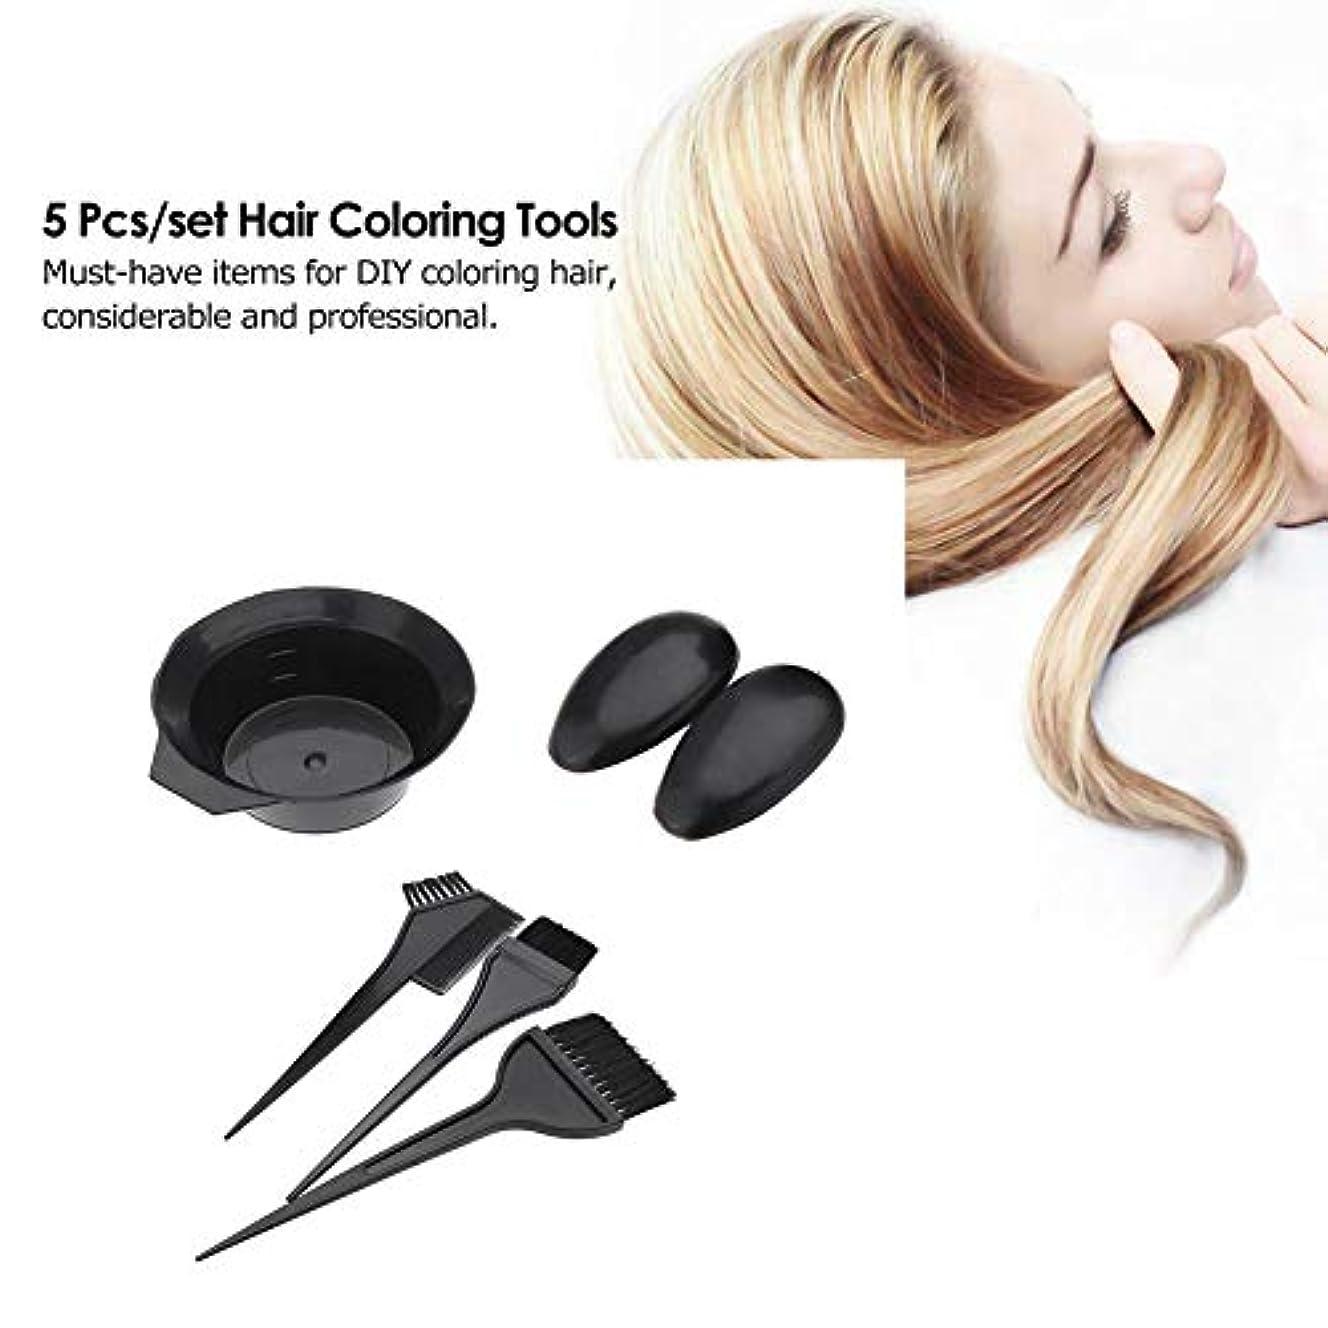 楕円形パウダーロープ染毛セットキット - 染毛カラーミキシングボウル&ブラシ&くし - 黒理髪美容ツールアプリケーター色合い5ピース